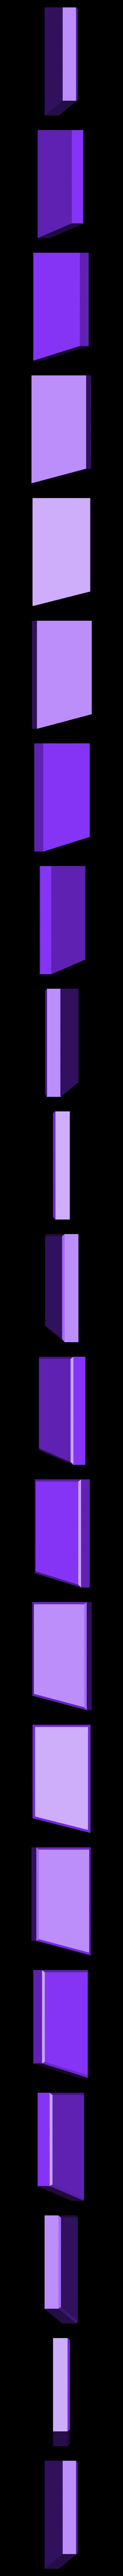 shoulder_mount_v3_L_undercut_pt3.stl Download free STL file TRANSFORMERS G1 ROTORSTORM ARTICULATION UPGRADE KIT • 3D printable design, sickofyou